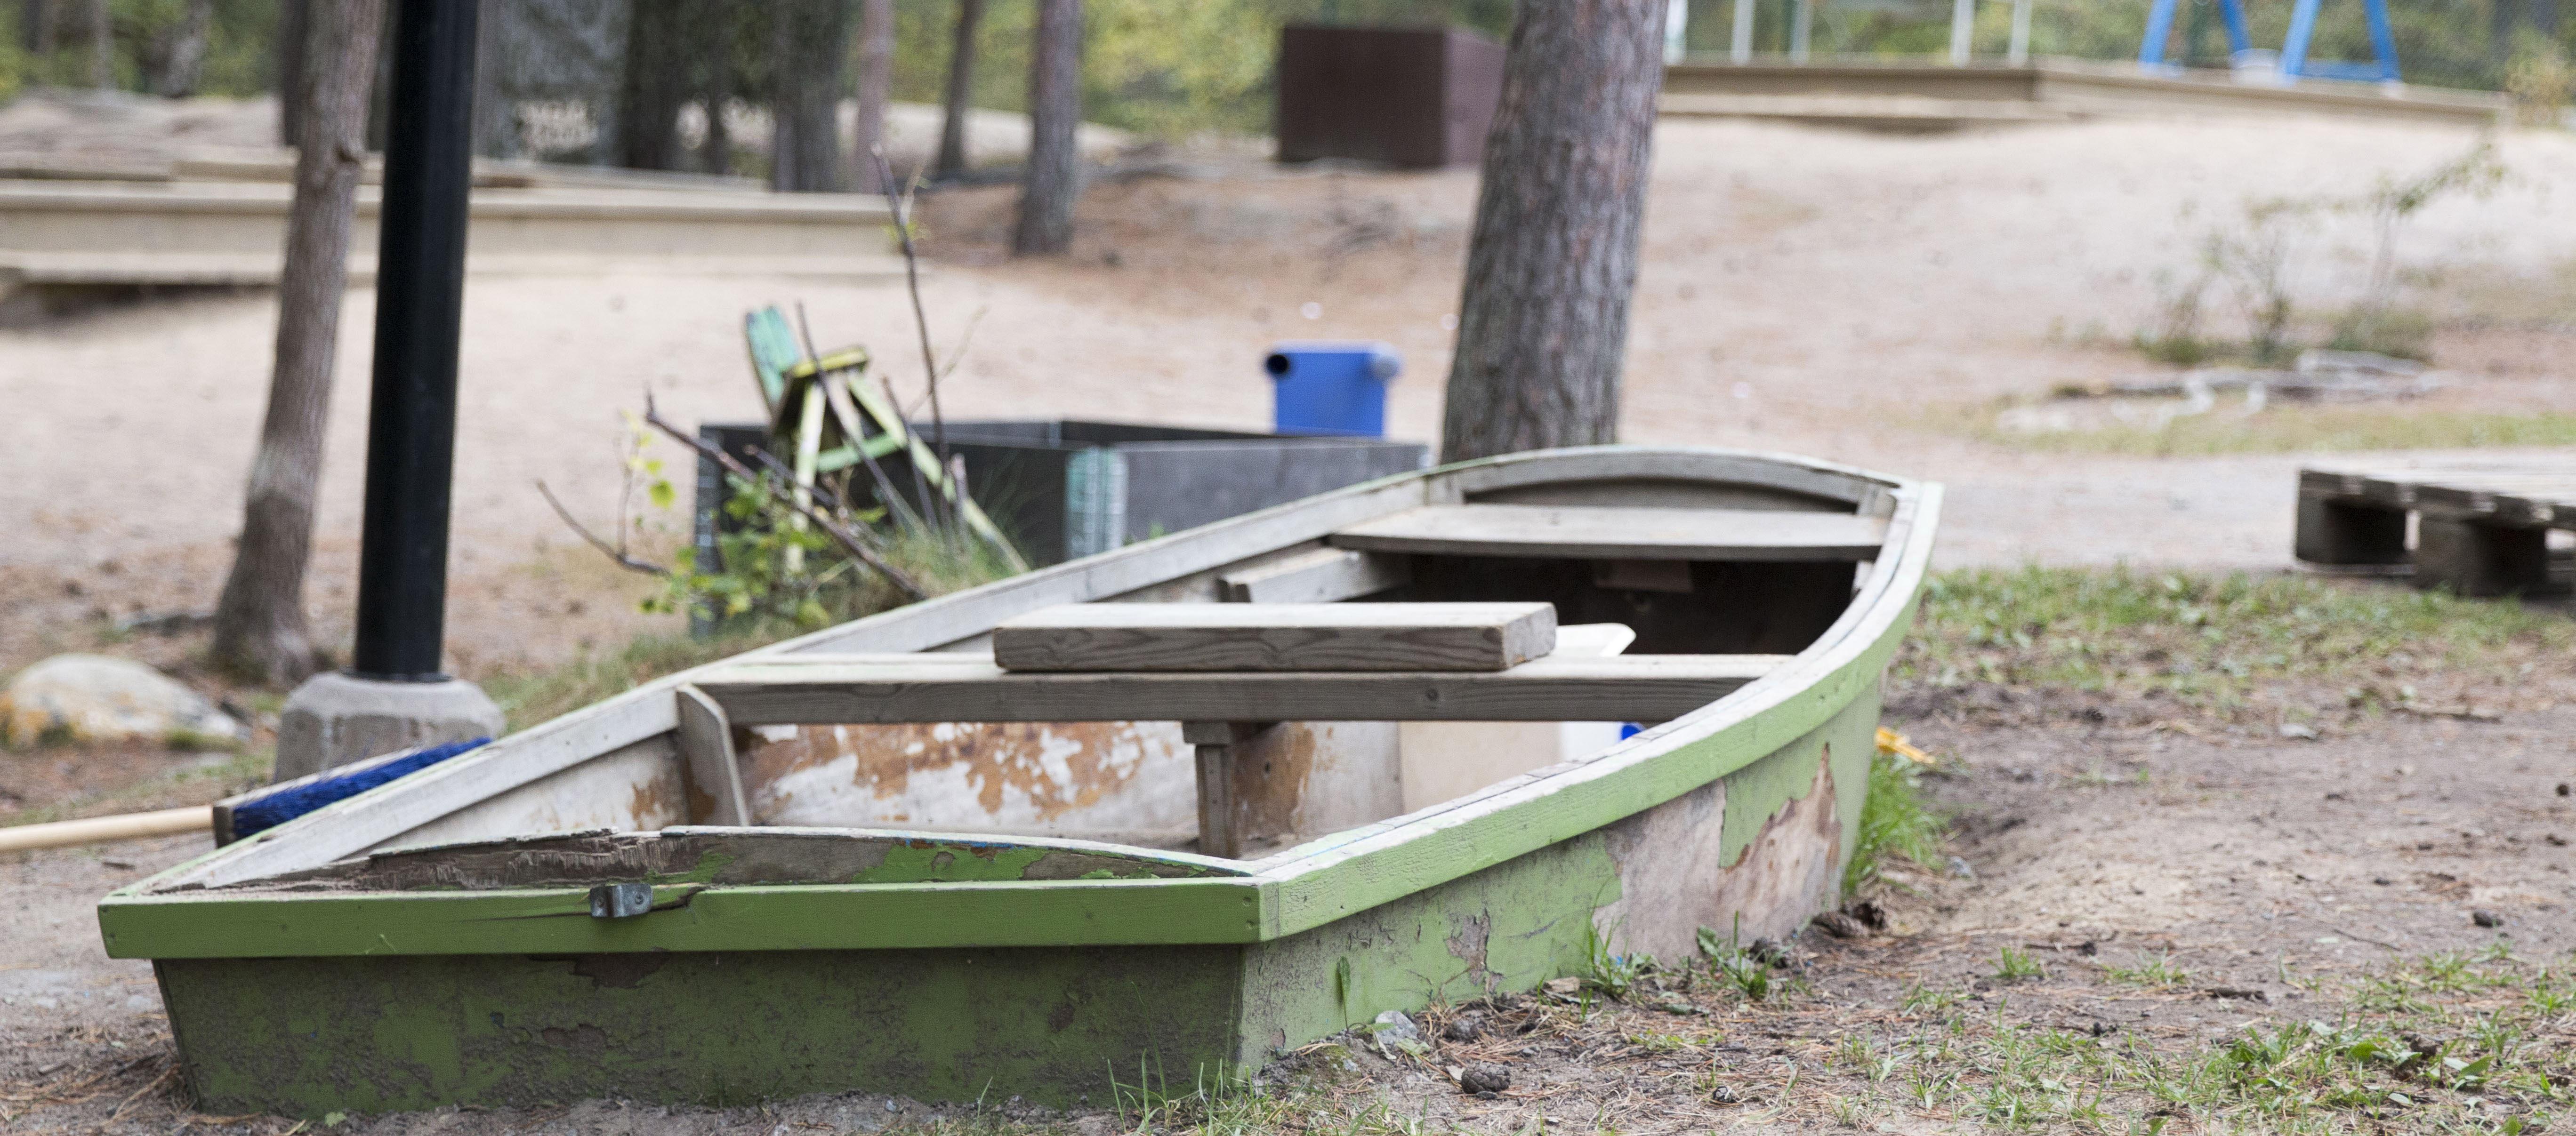 Rensättrra – Båt